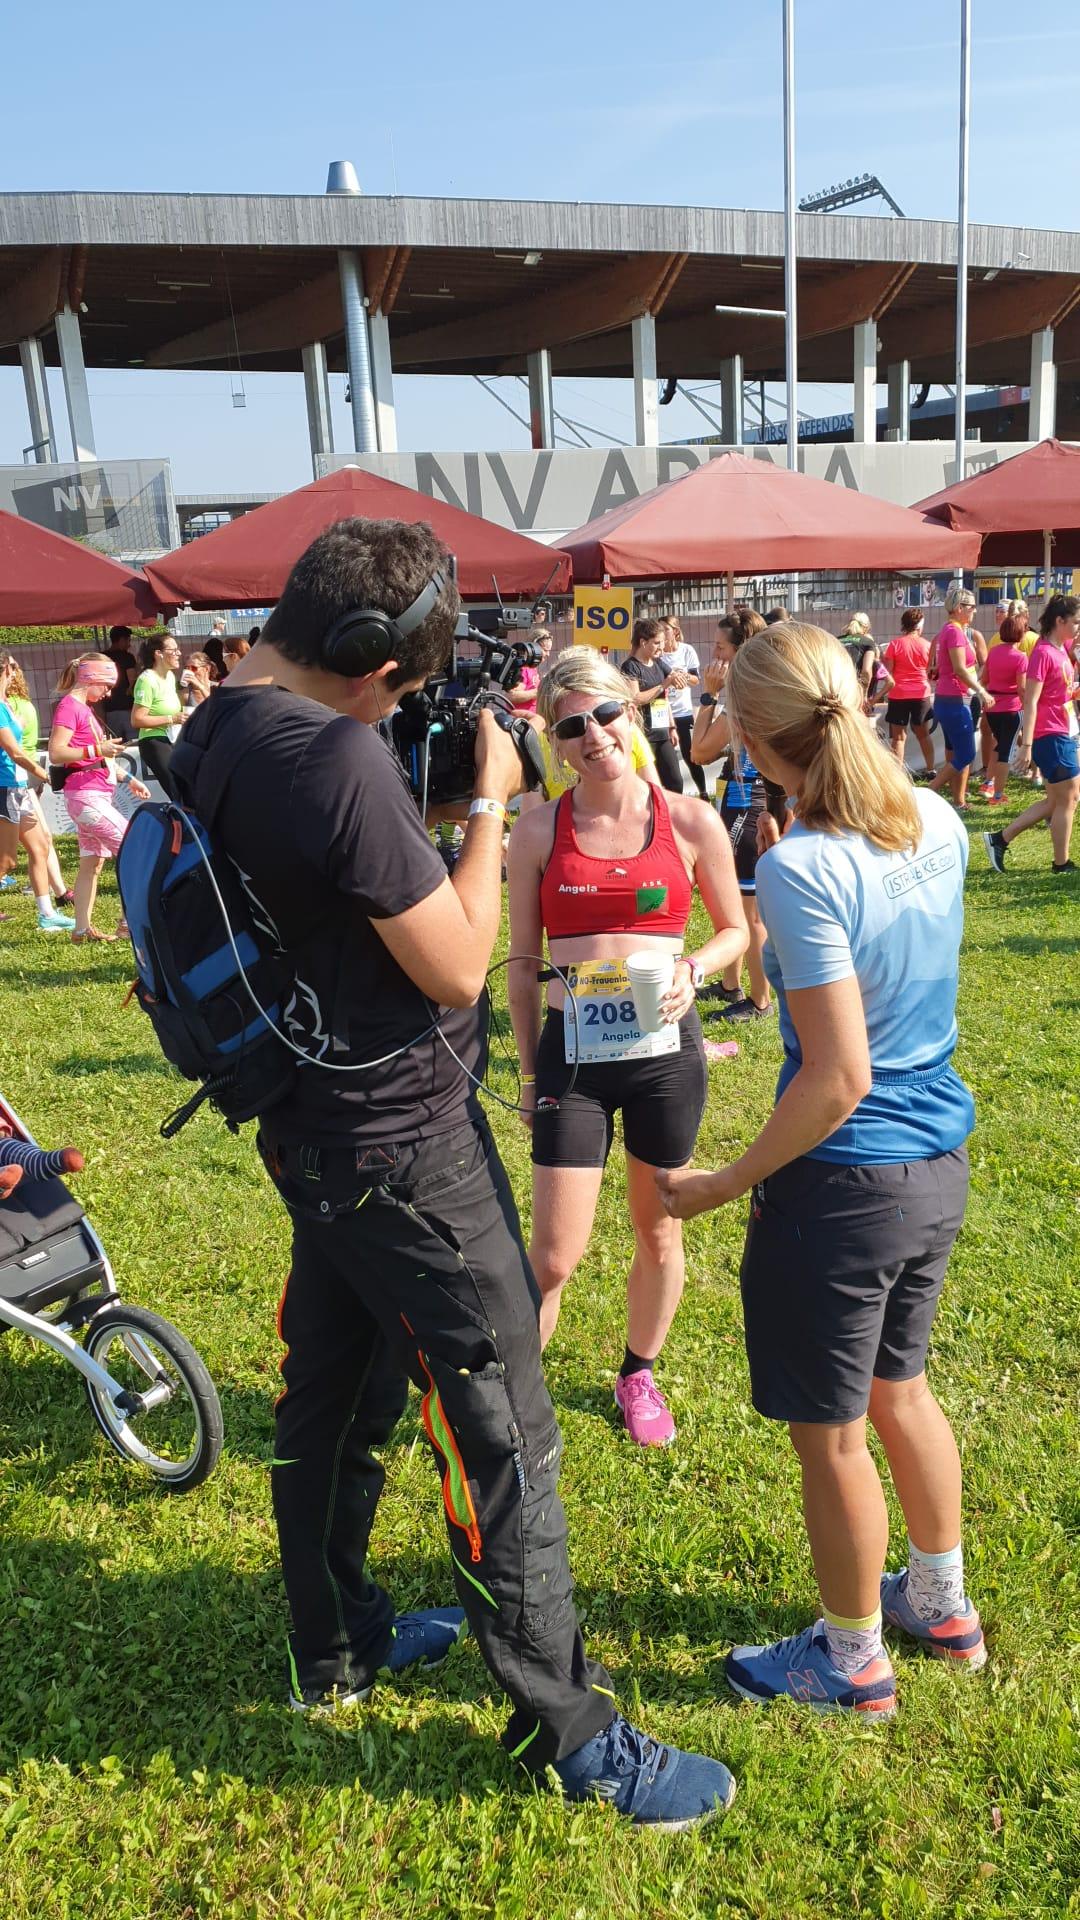 Angela schlägt sie alle! Gratulation zum Gesamtsieg über 9,8 km!